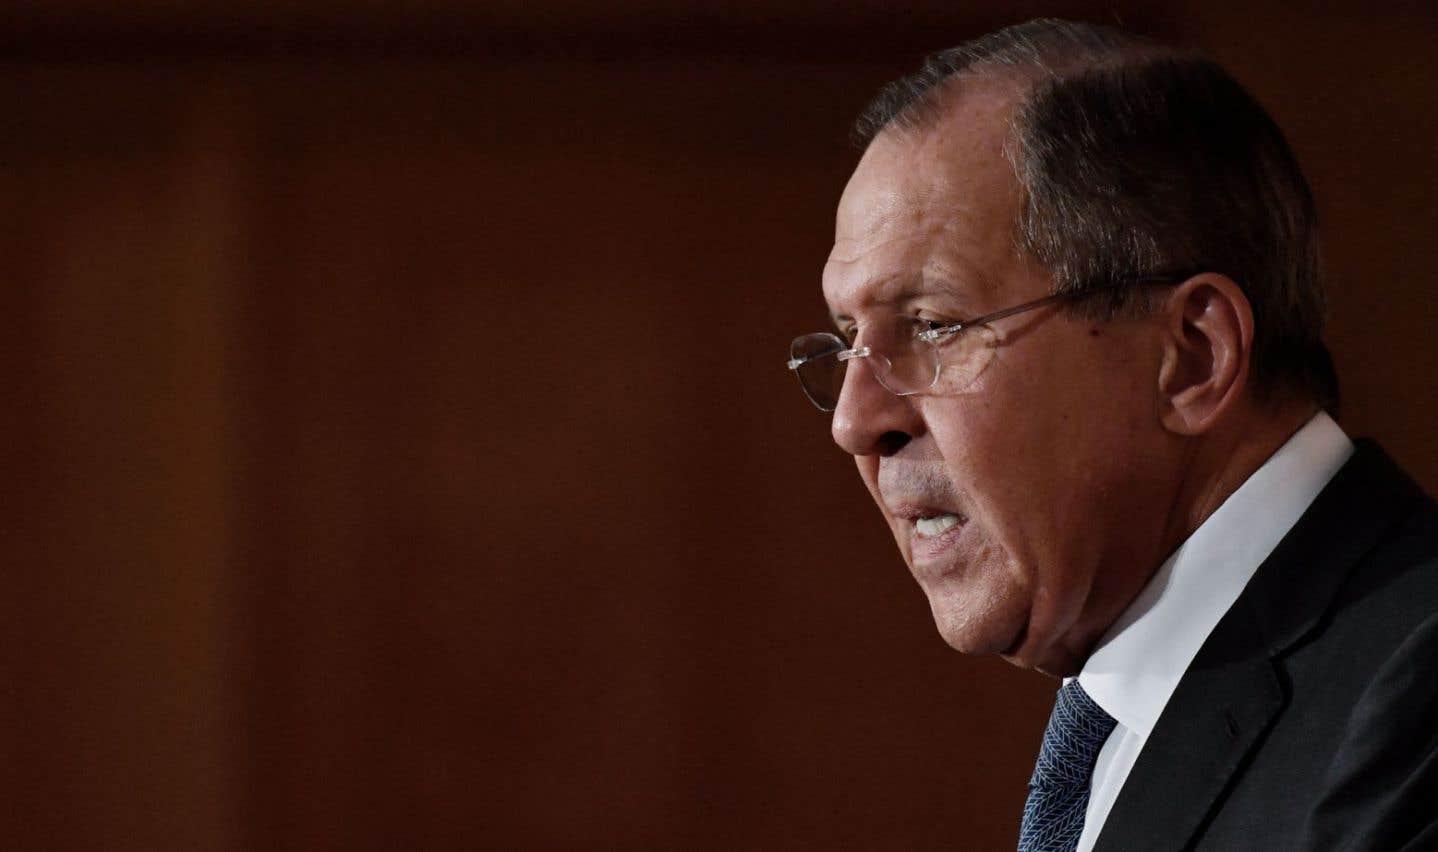 Le ministre russe des Affaires étrangères,Sergueï Lavrov